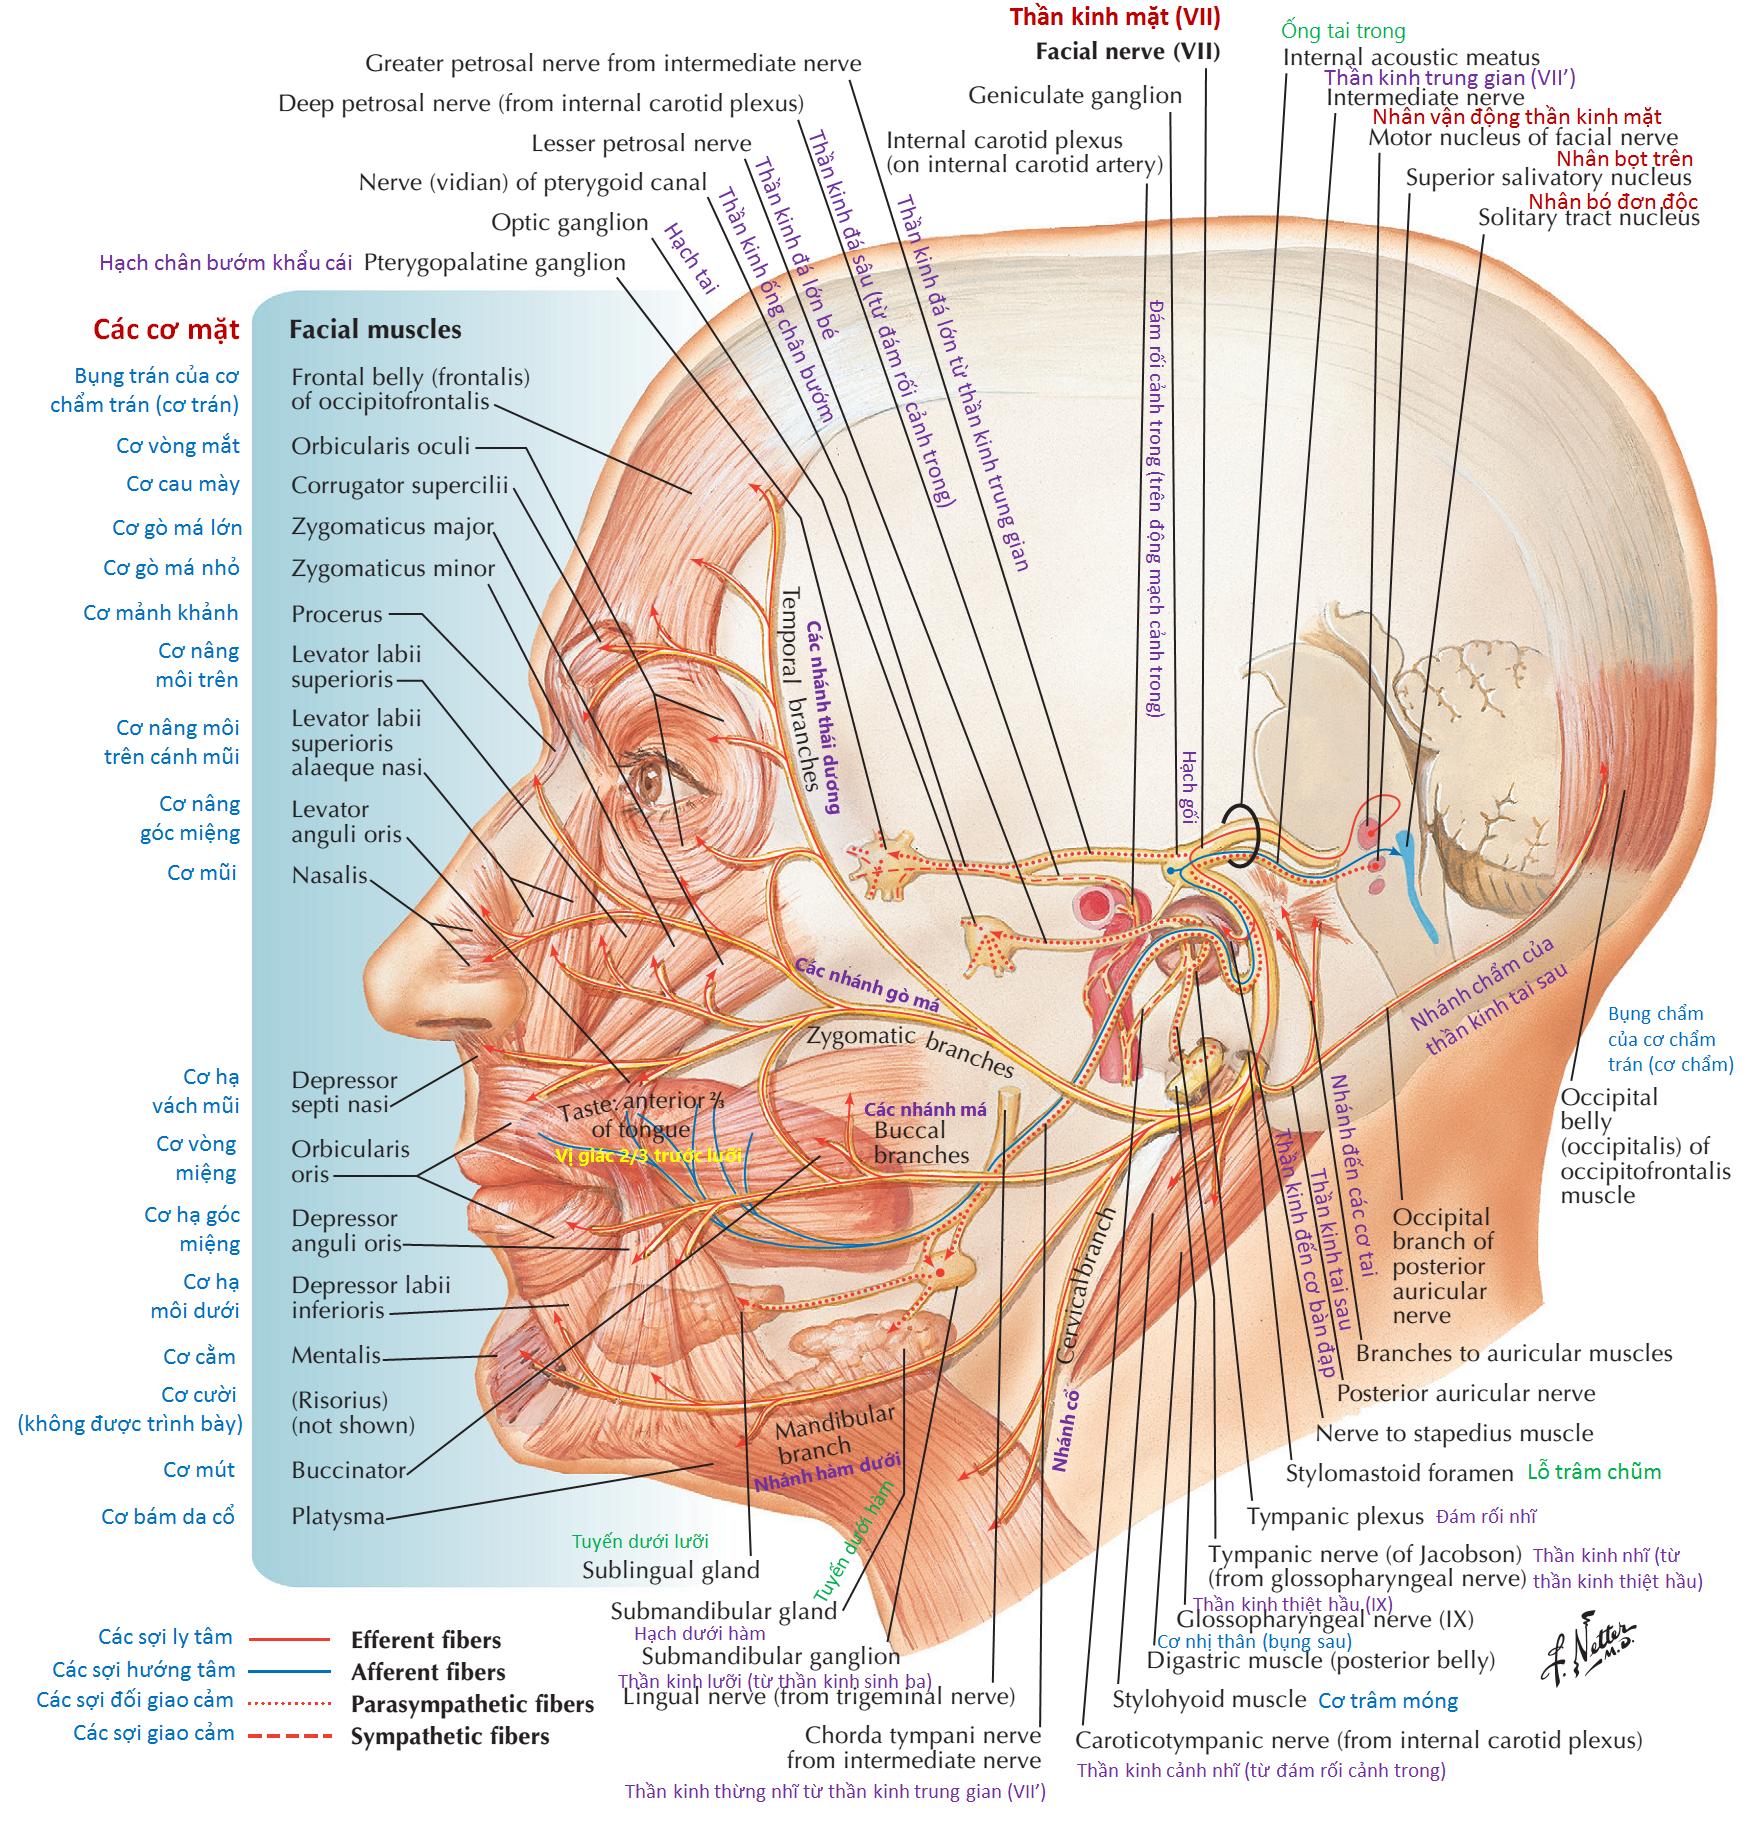 Thần kinh mặt (CN VII): Sơ đồ